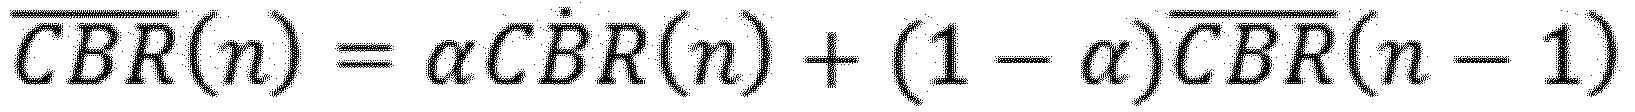 Figure PCTKR2018007340-appb-M000002